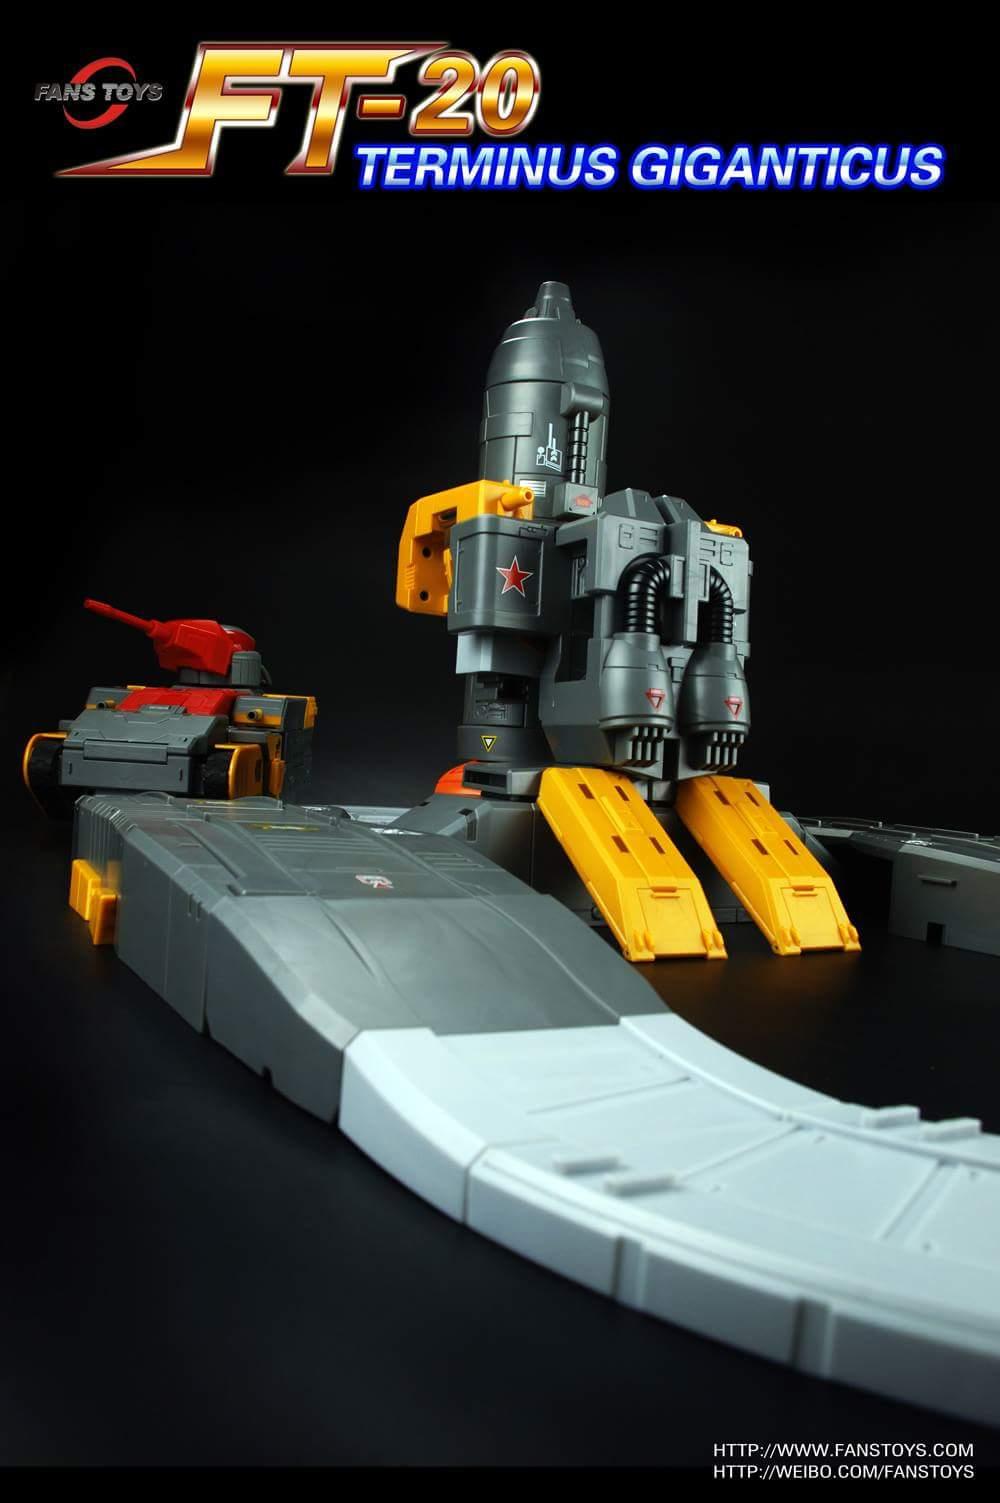 [Fanstoys] Produit Tiers - Jouets FT-20 et FT-20G Terminus Giganticus - aka Oméga Suprême et Omega Sentinel (Gardien de Cybertron) - Page 2 BYbLnY4k